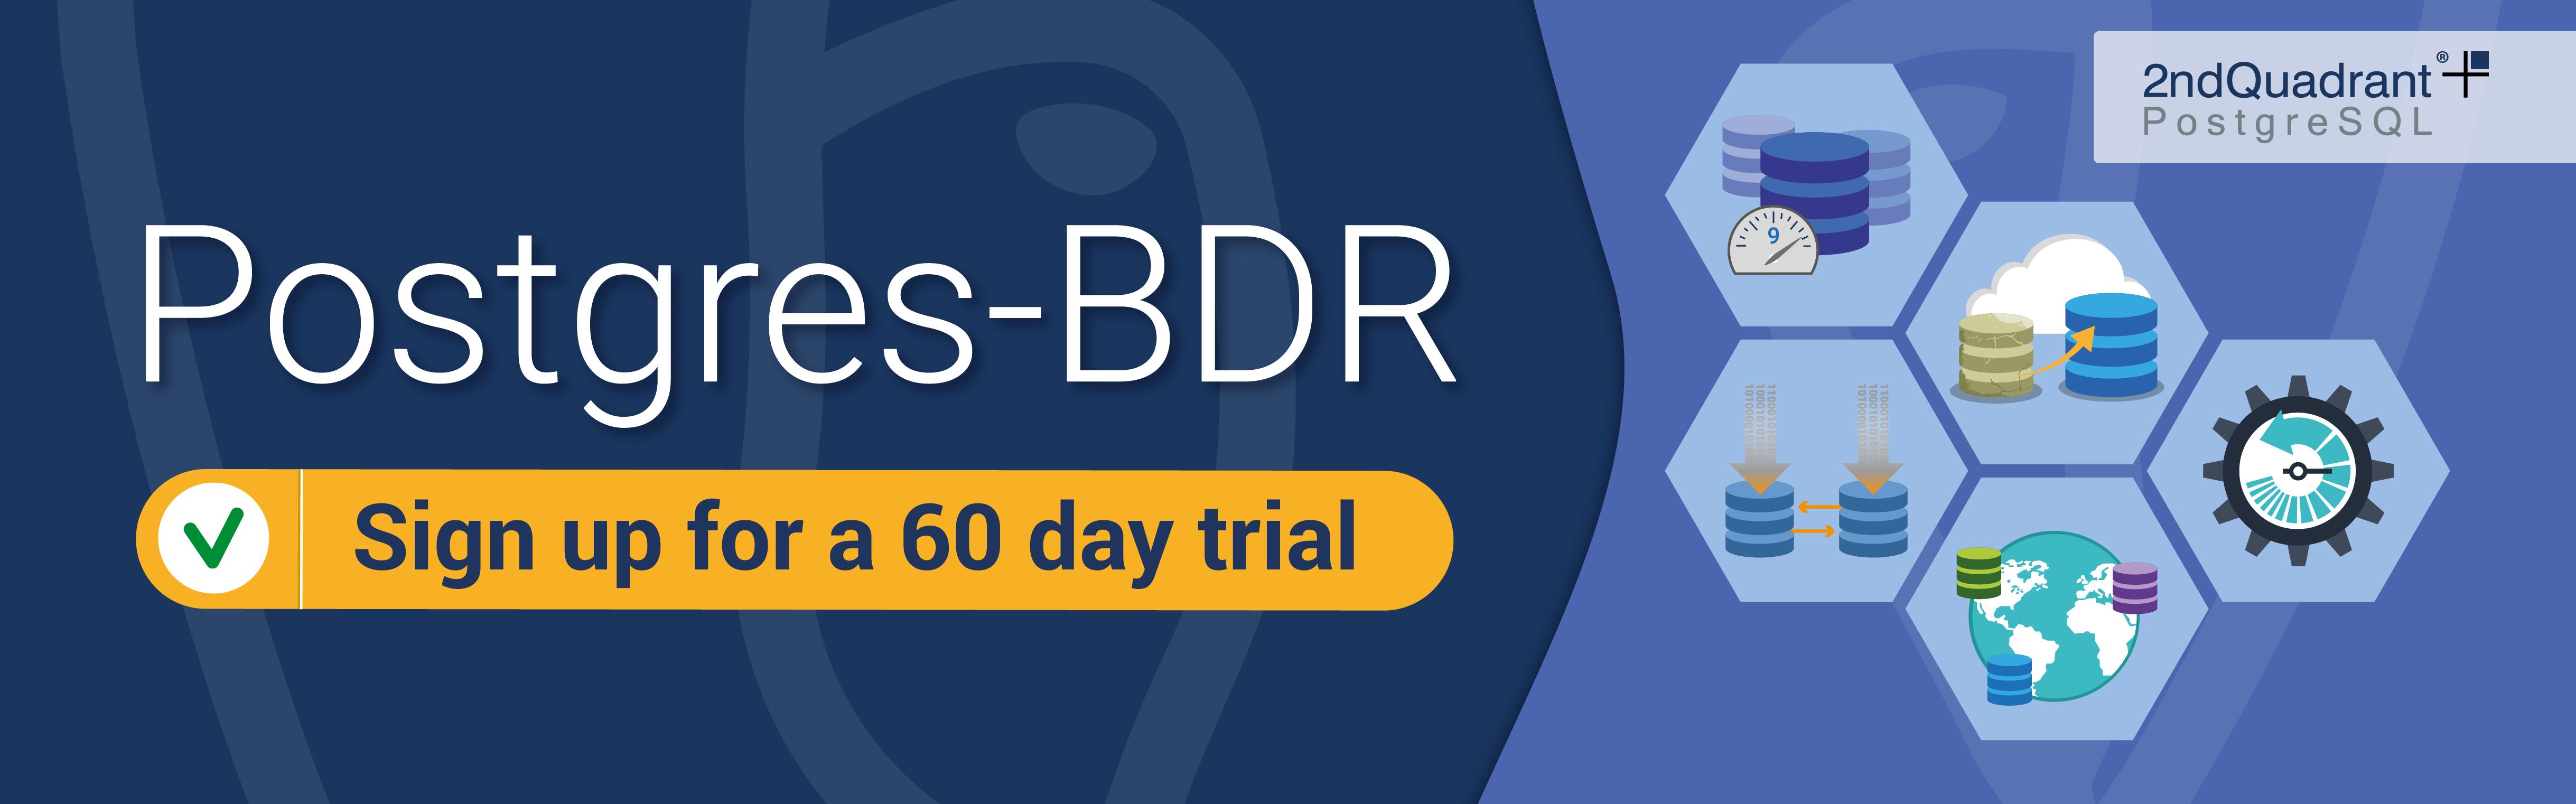 Postgres-BDR 60 Day Trial by 2ndQuadrant, PostgreSQL Postgres-BDR